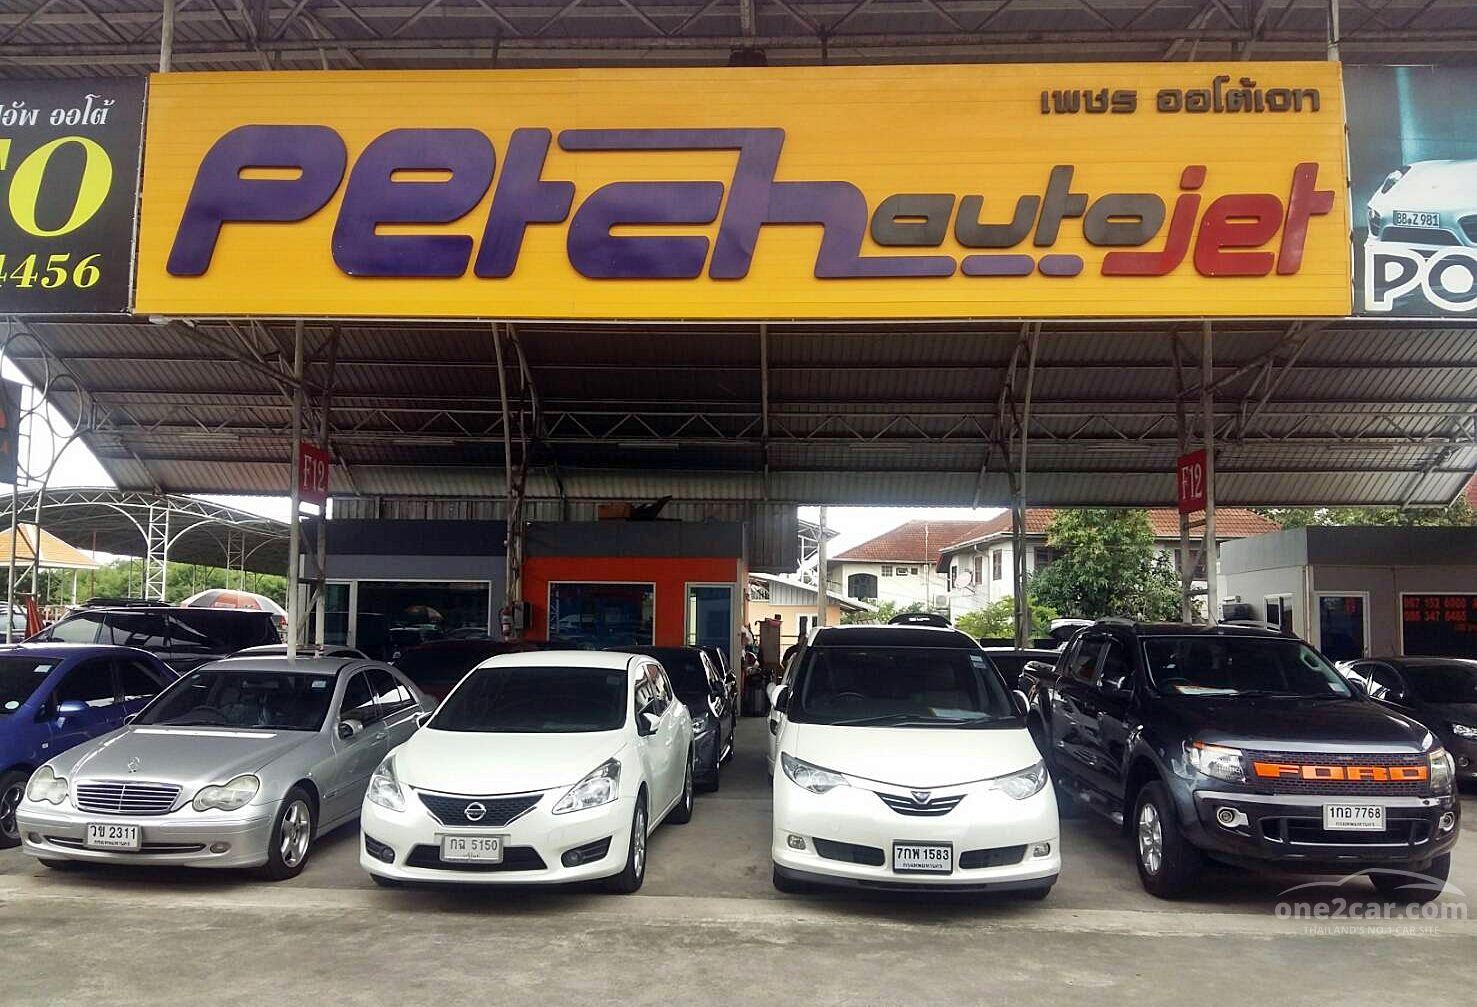 Pecth Auto Jet